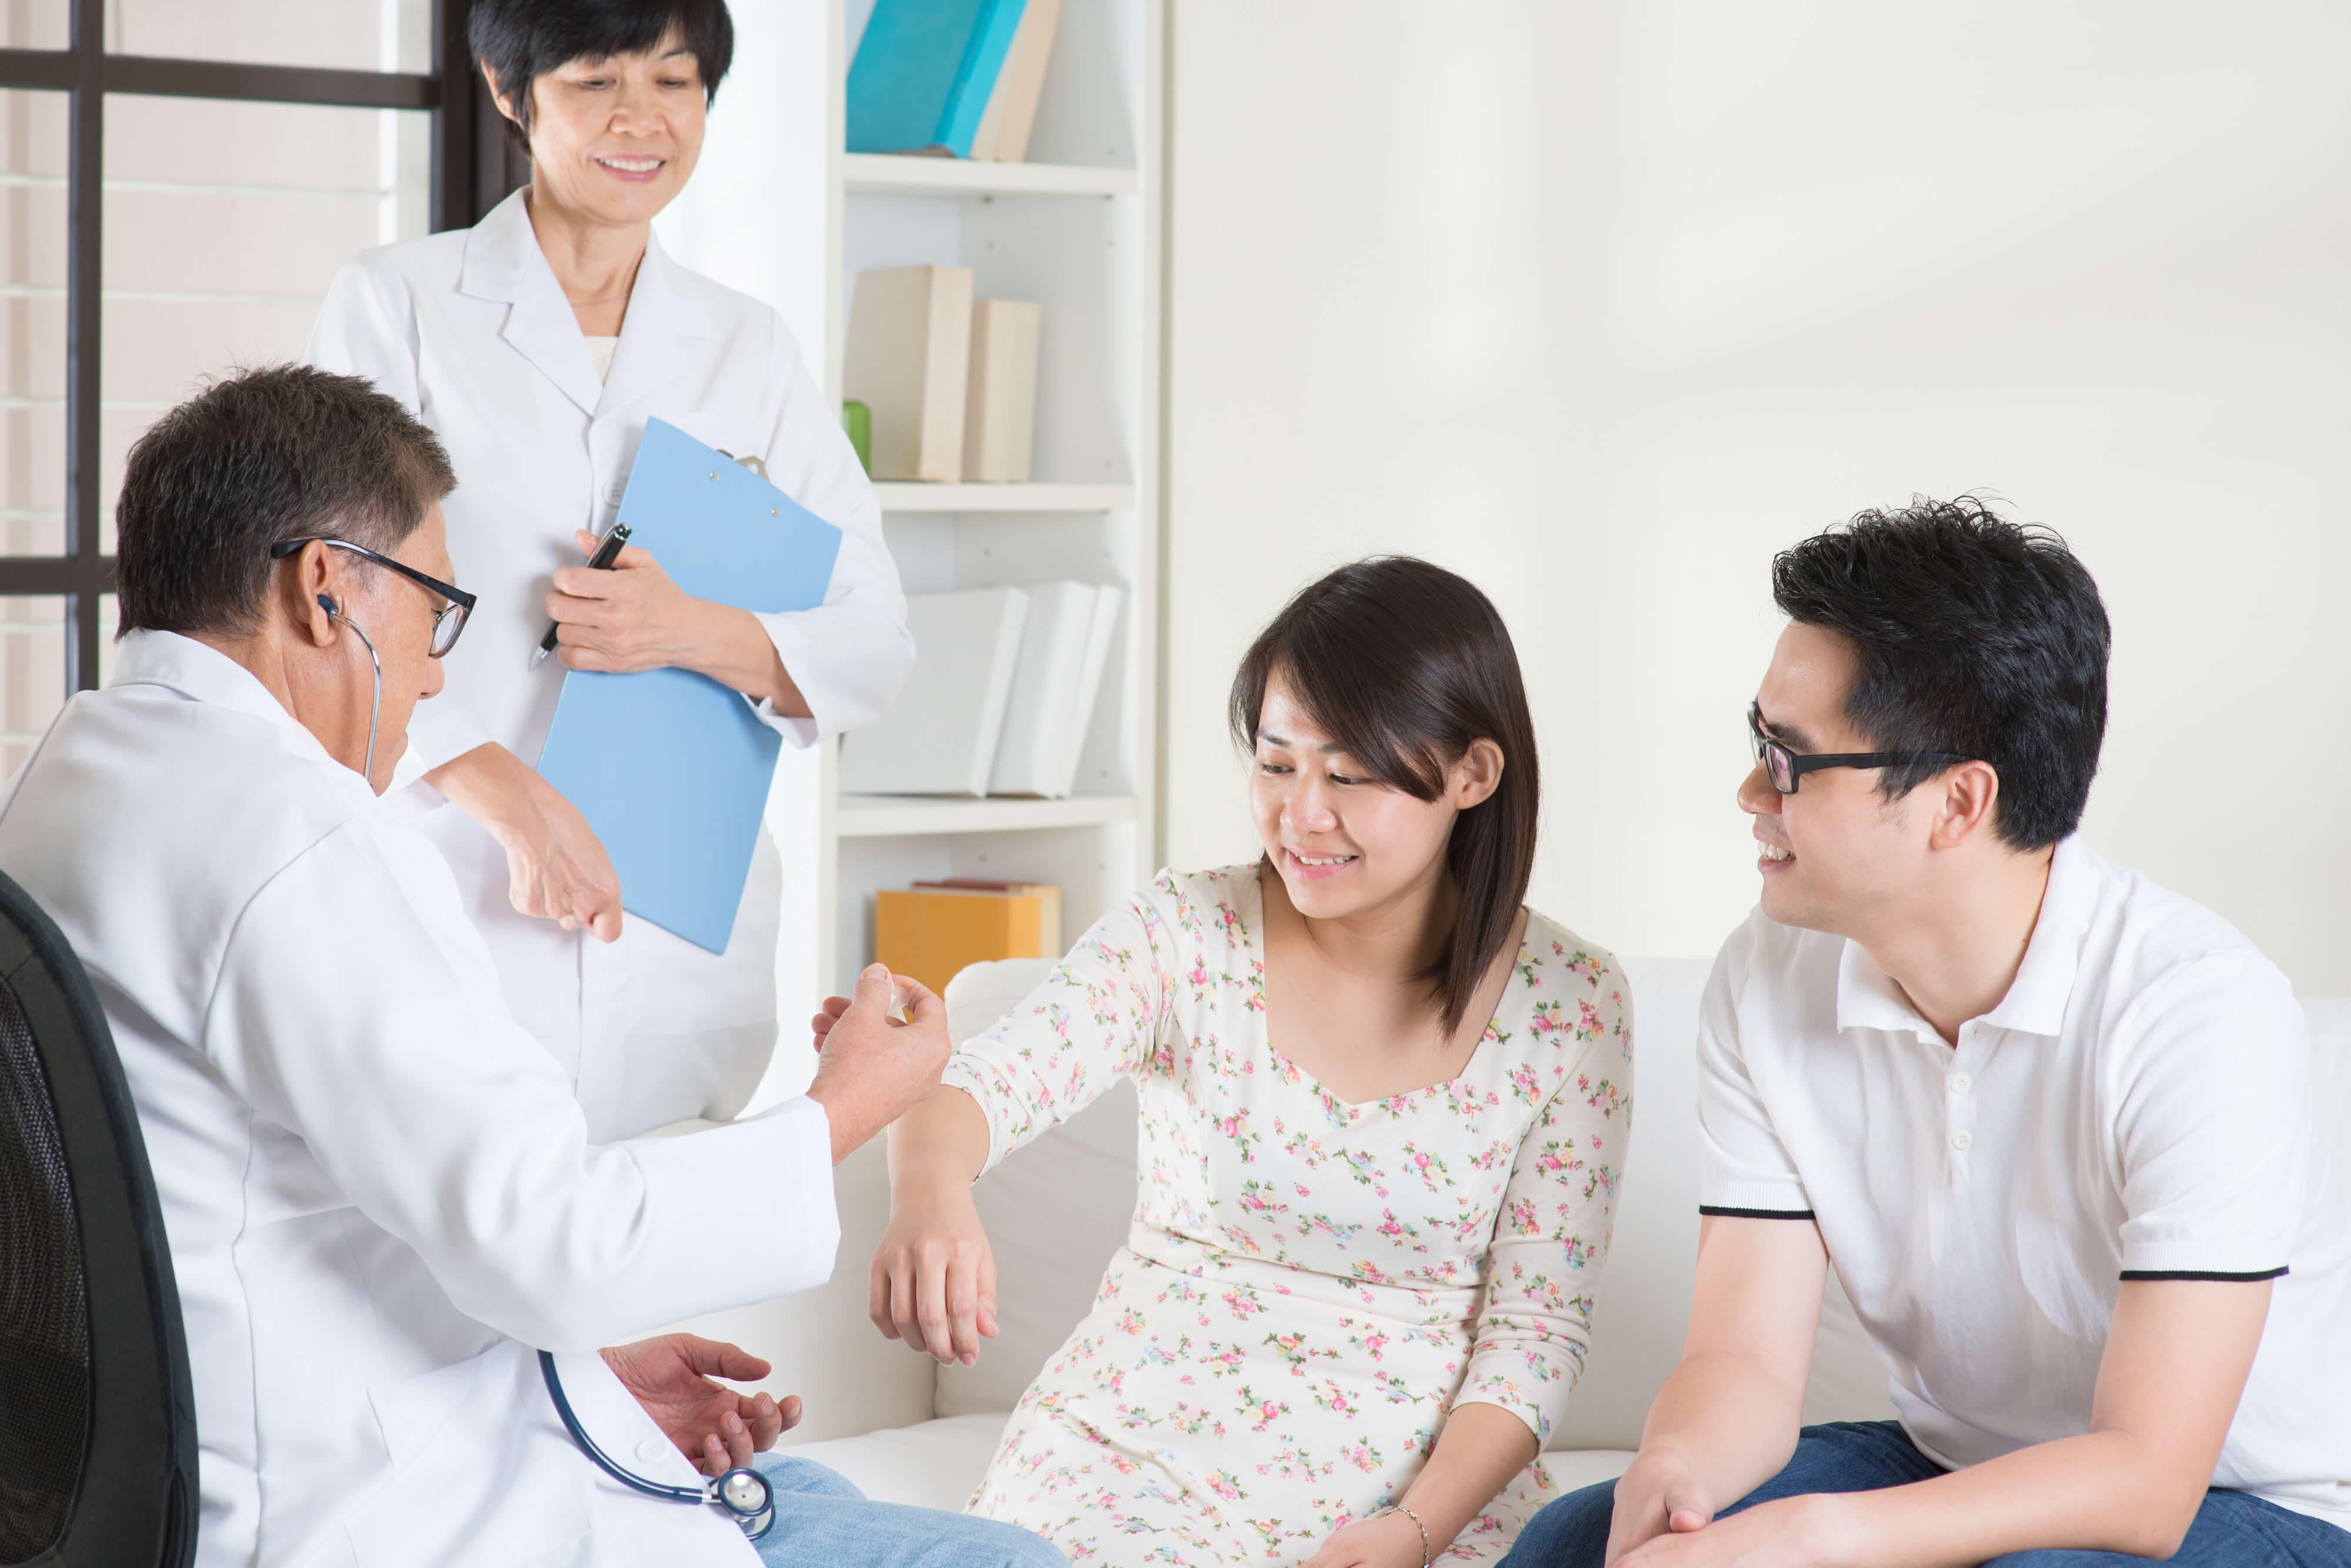 【調査】妊娠中に気をつけたい感染症!妊婦さんが体験したその症状とは?